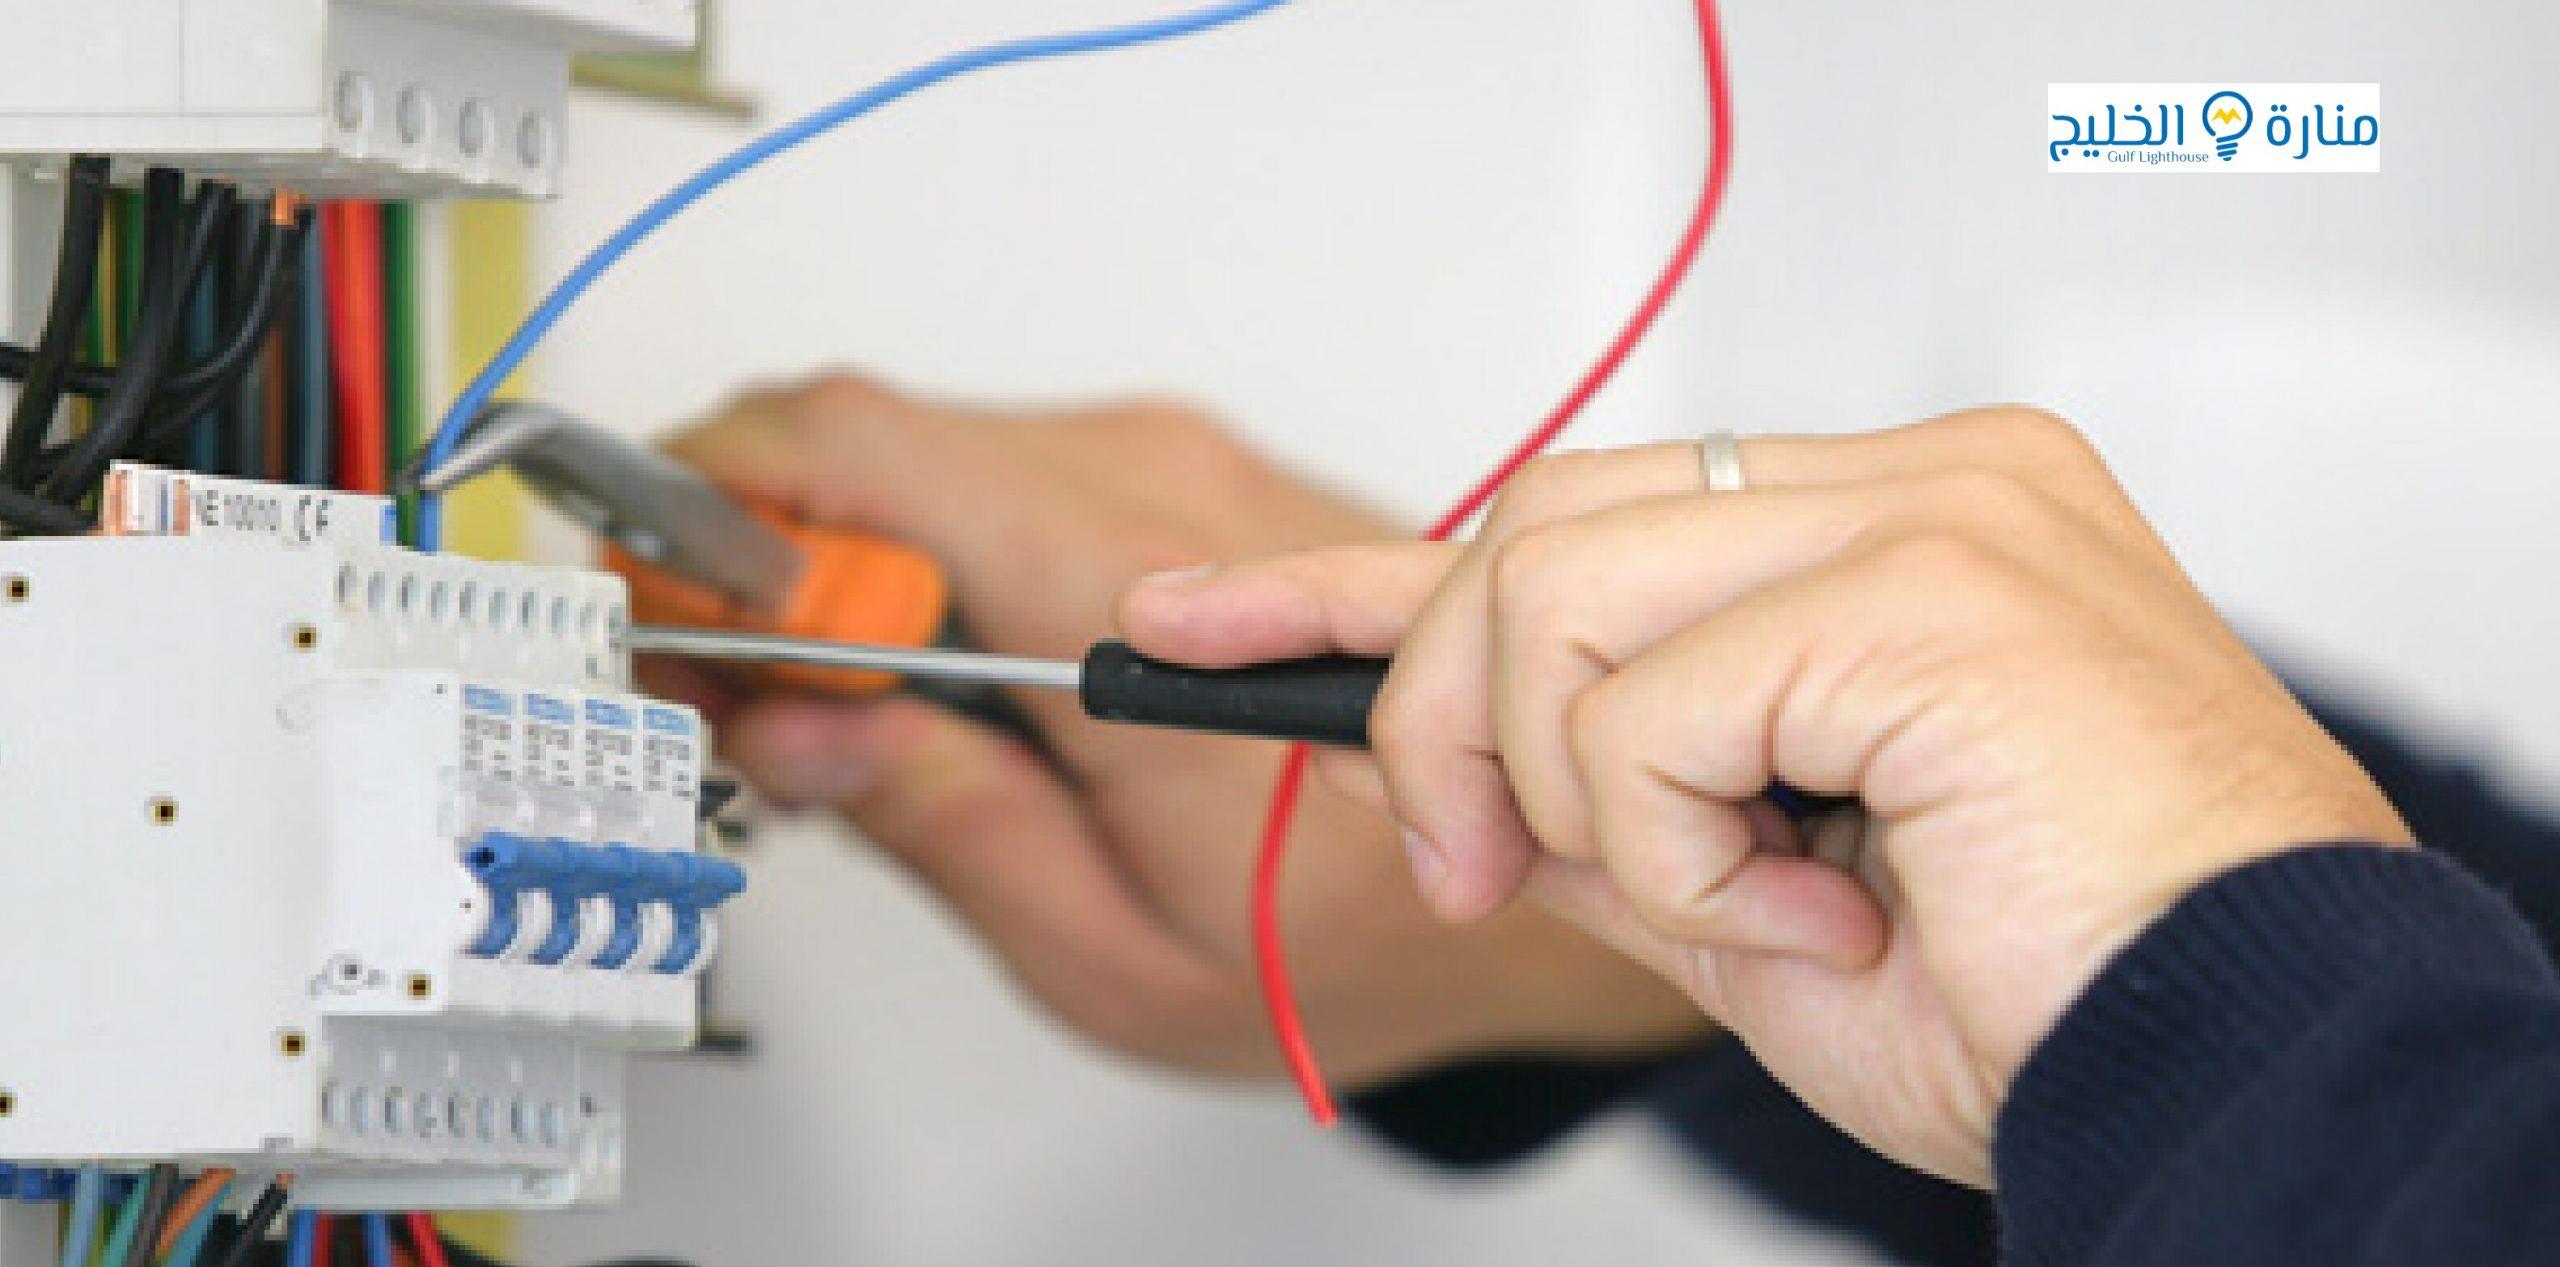 اصلاح اعطال الكهرباء المنزلية بالرياض